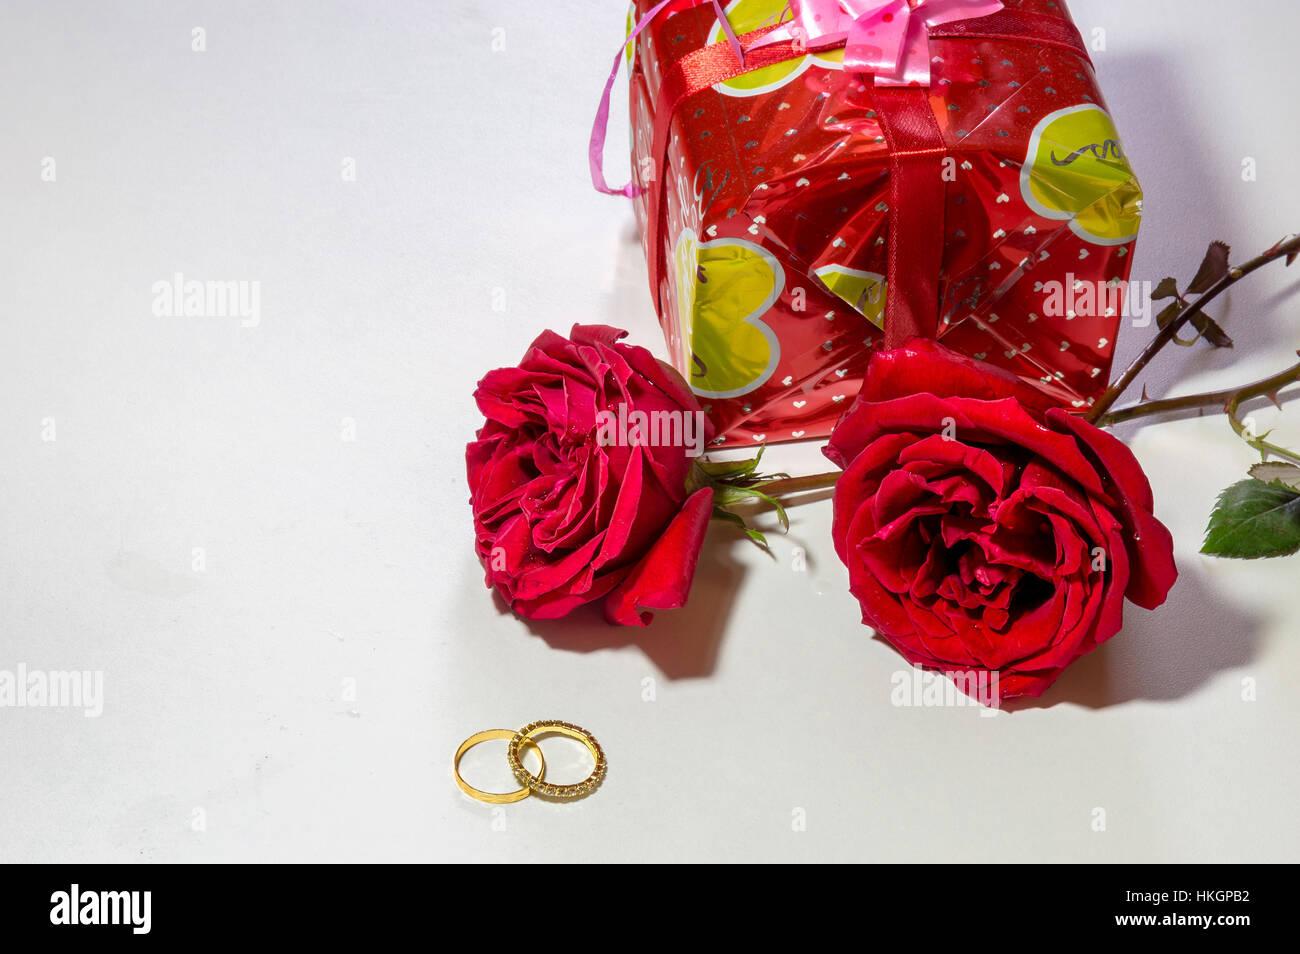 Rosas de color rojo brillante con anillos de compromiso de oro y envuelto don elemento aislado en blanco. El espacio Imagen De Stock